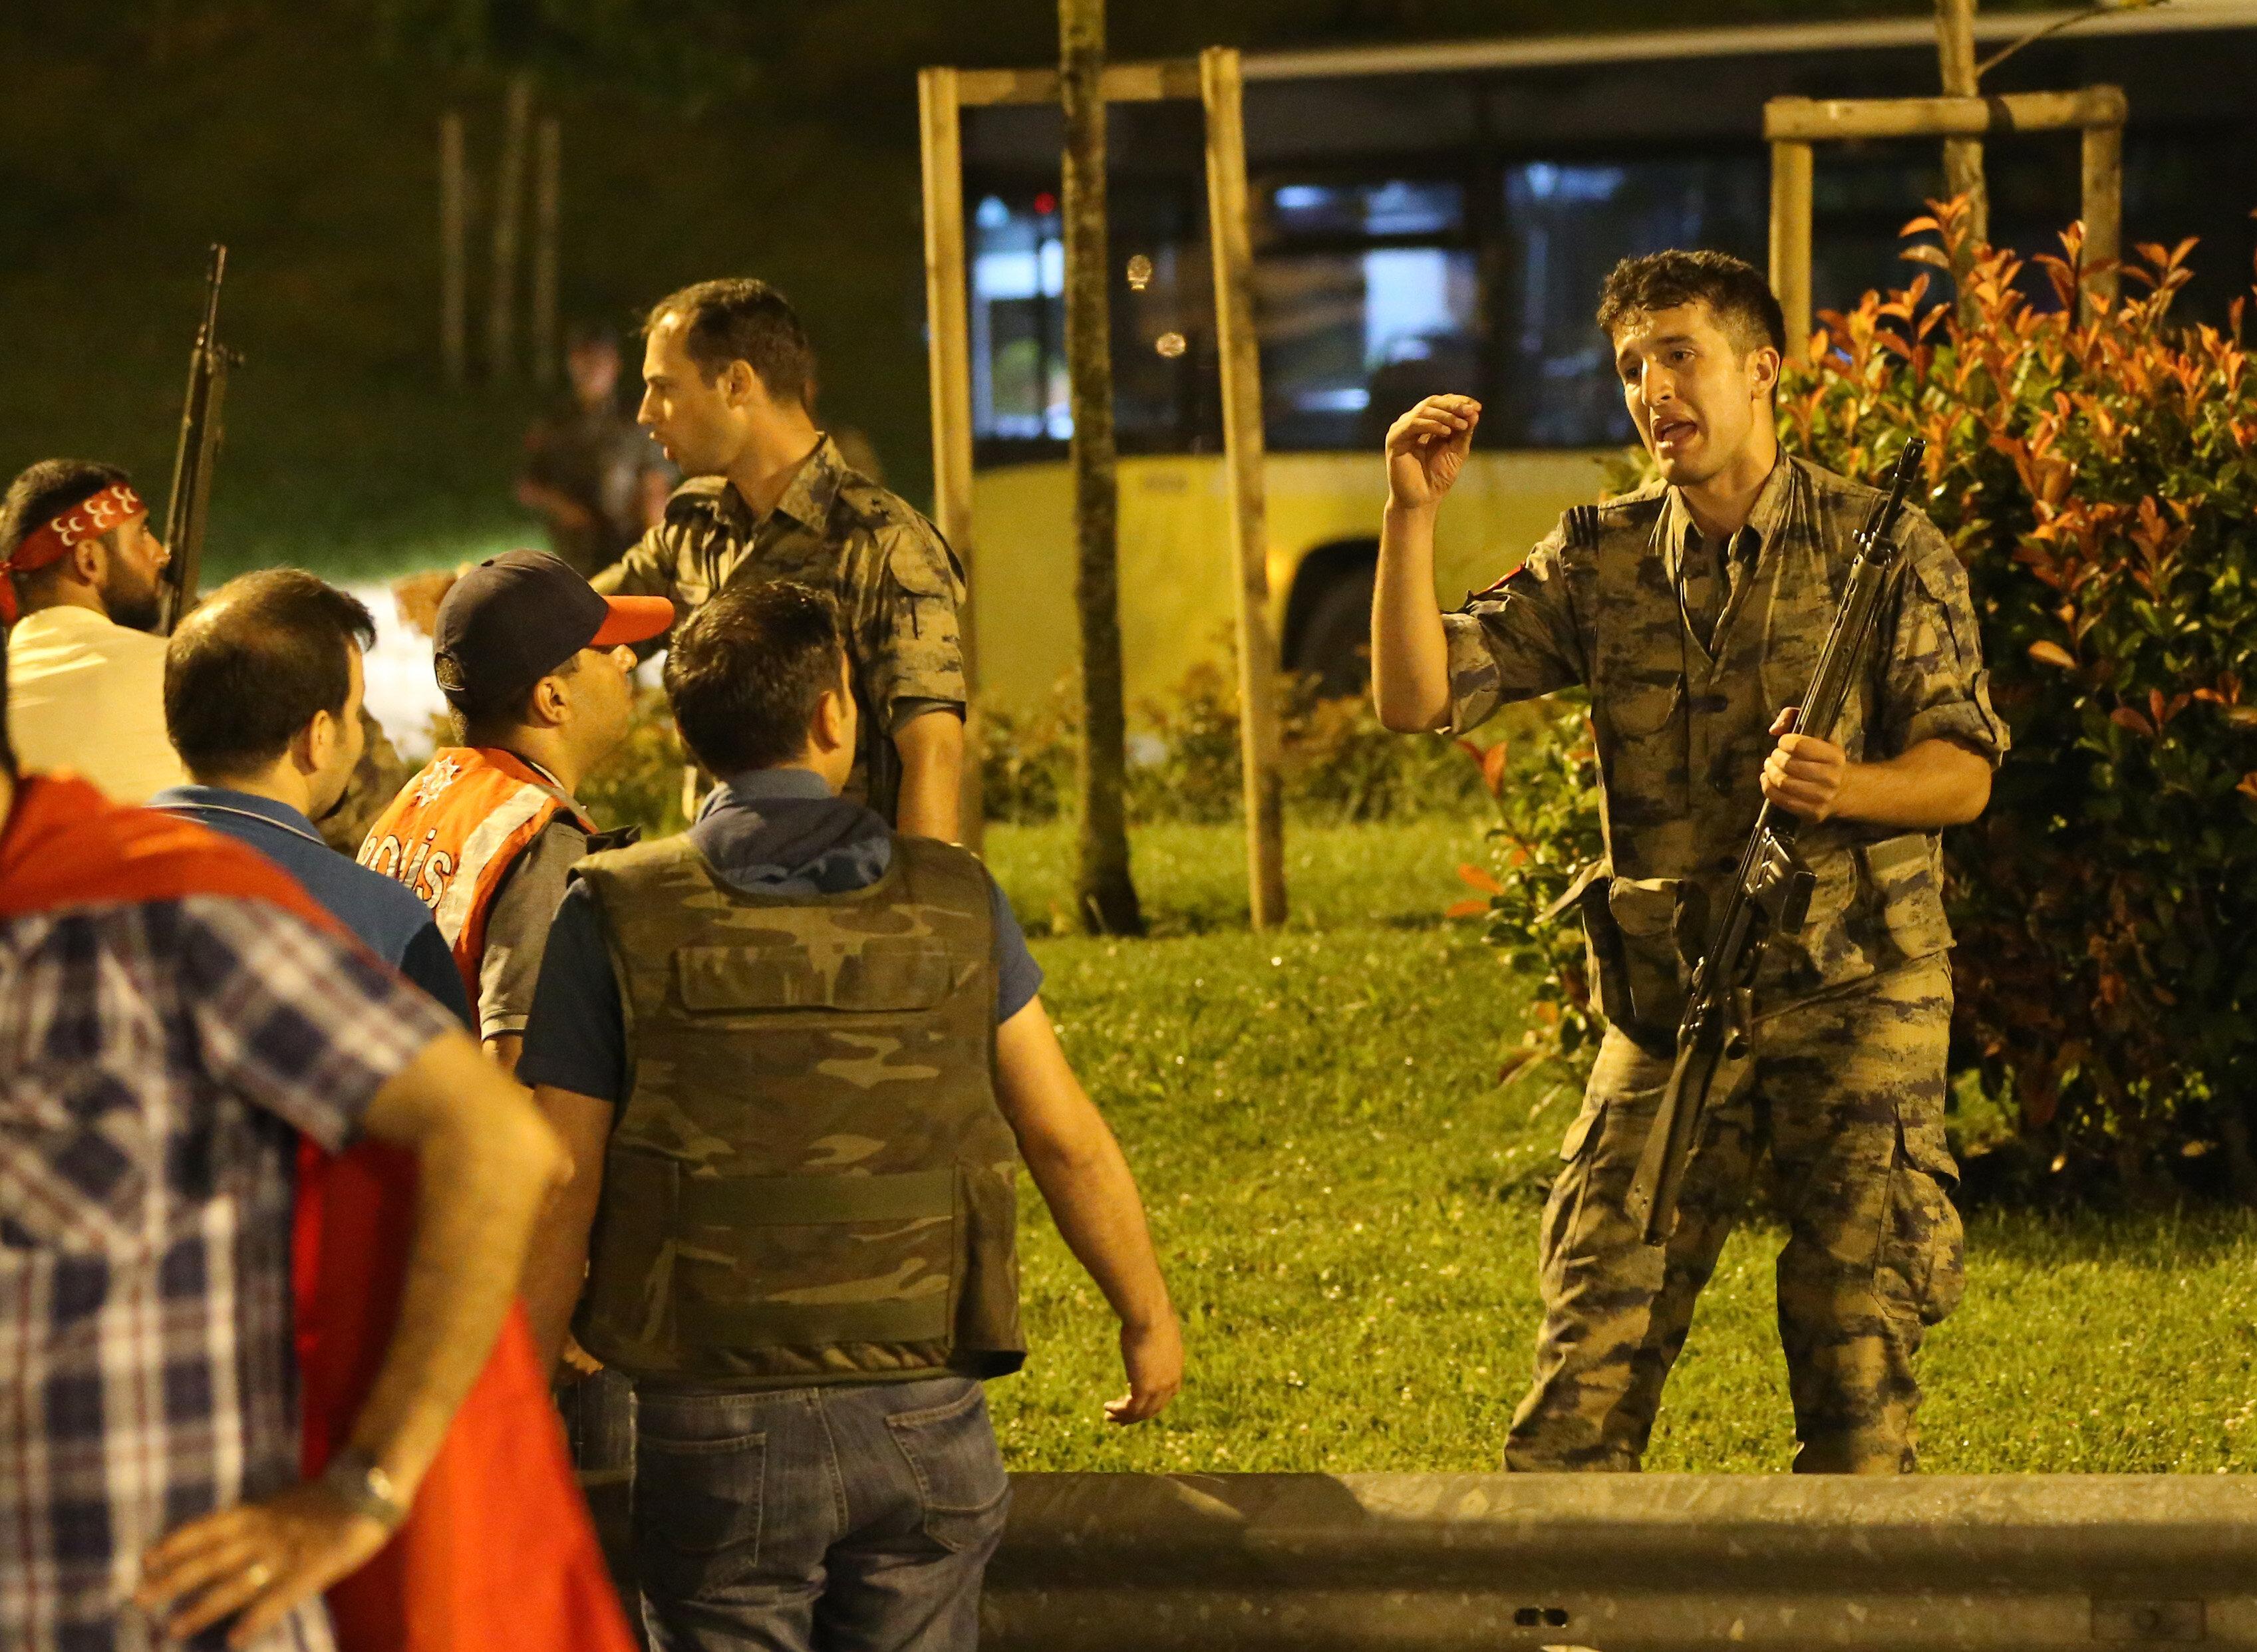 Polis tarafından kapatılan gişelerde asker ile polis arasında çatışmalar yaşandı.